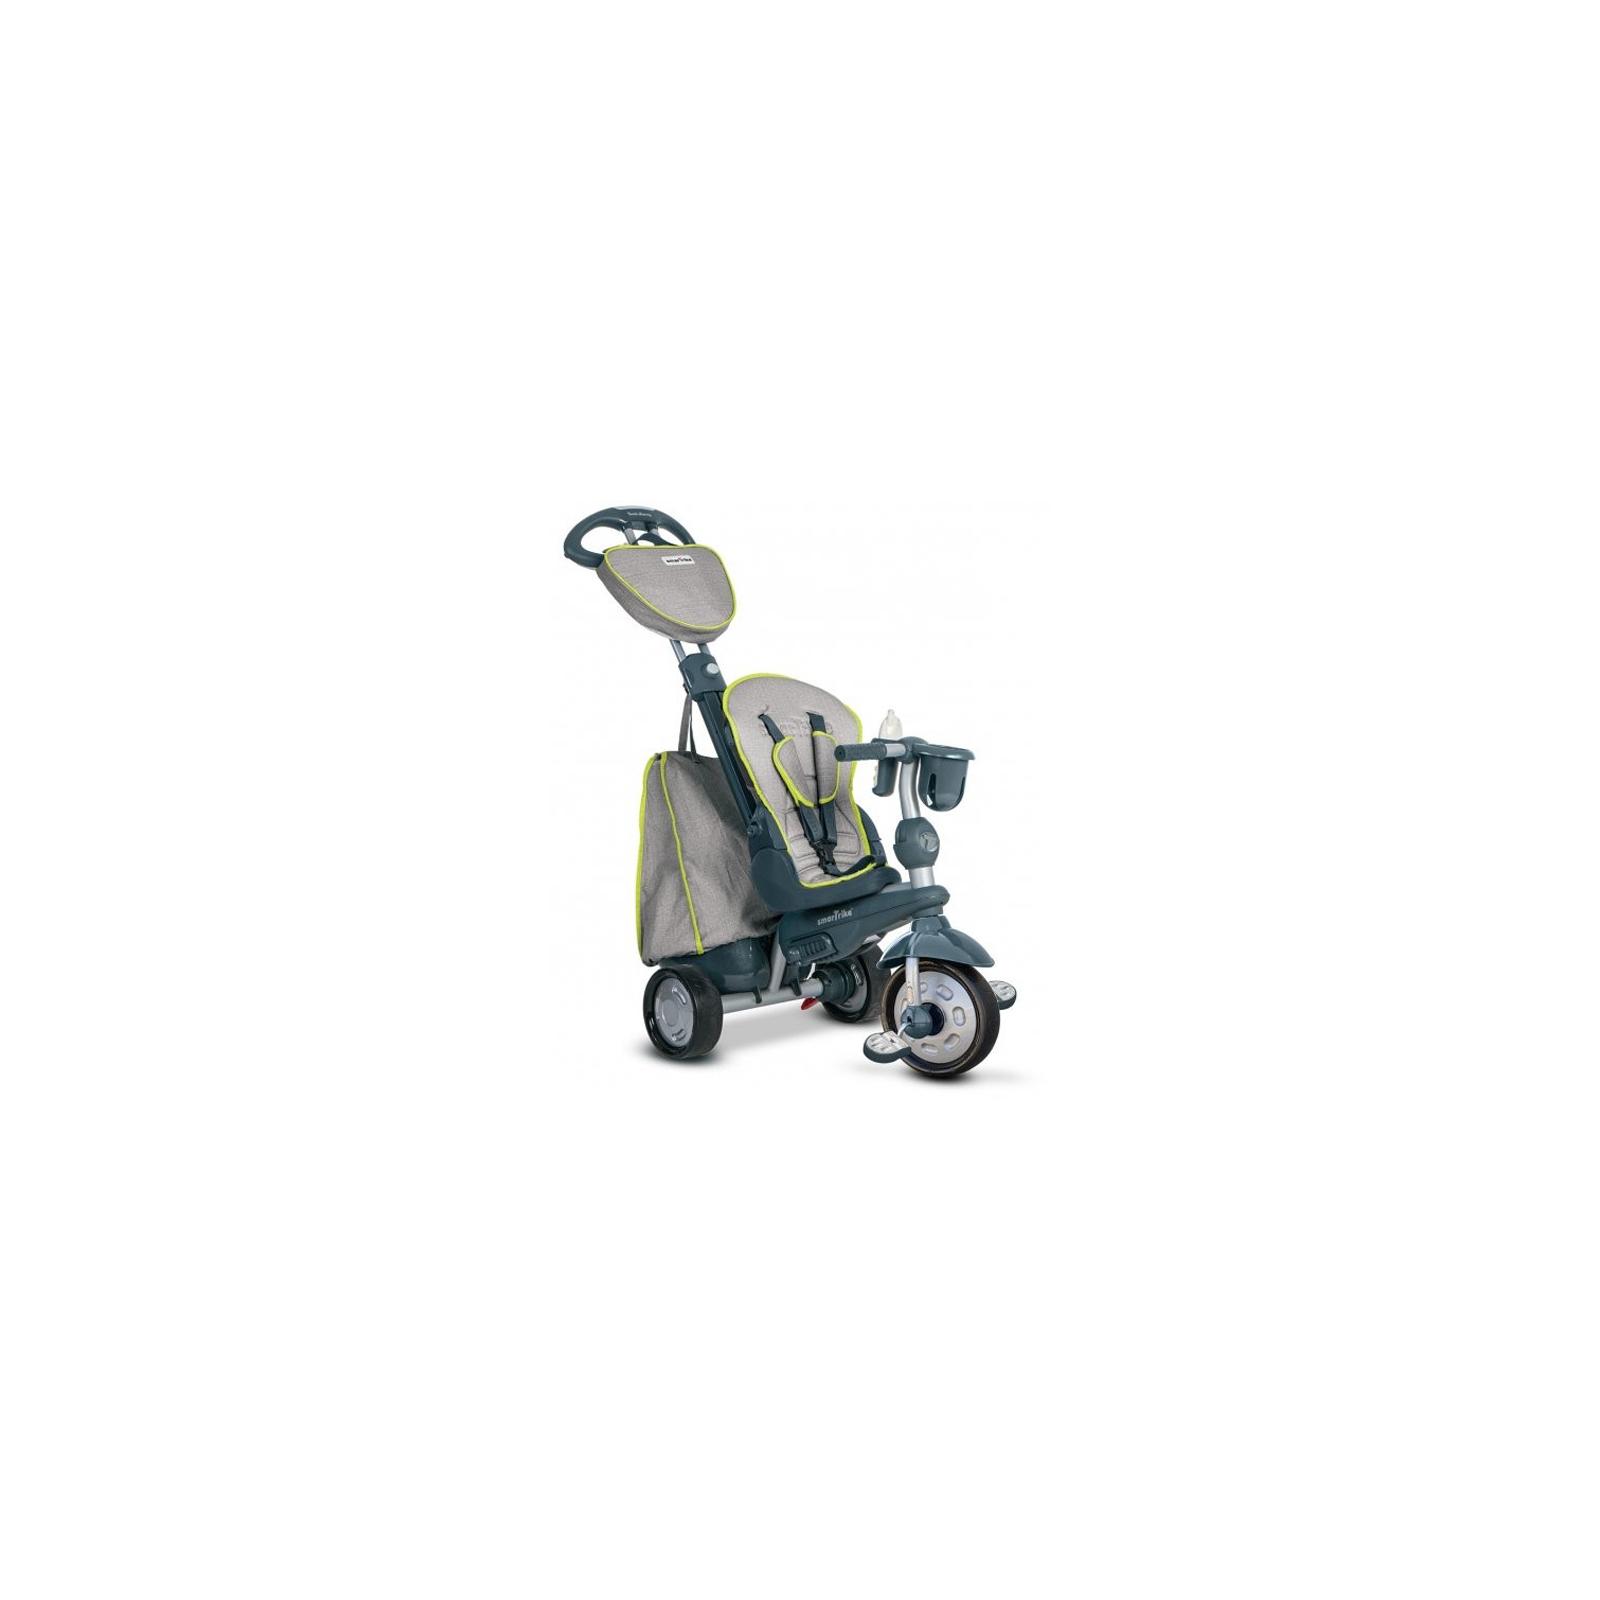 Детский велосипед Smart Trike Explorer 5 в 1 Grey (8200900) изображение 4